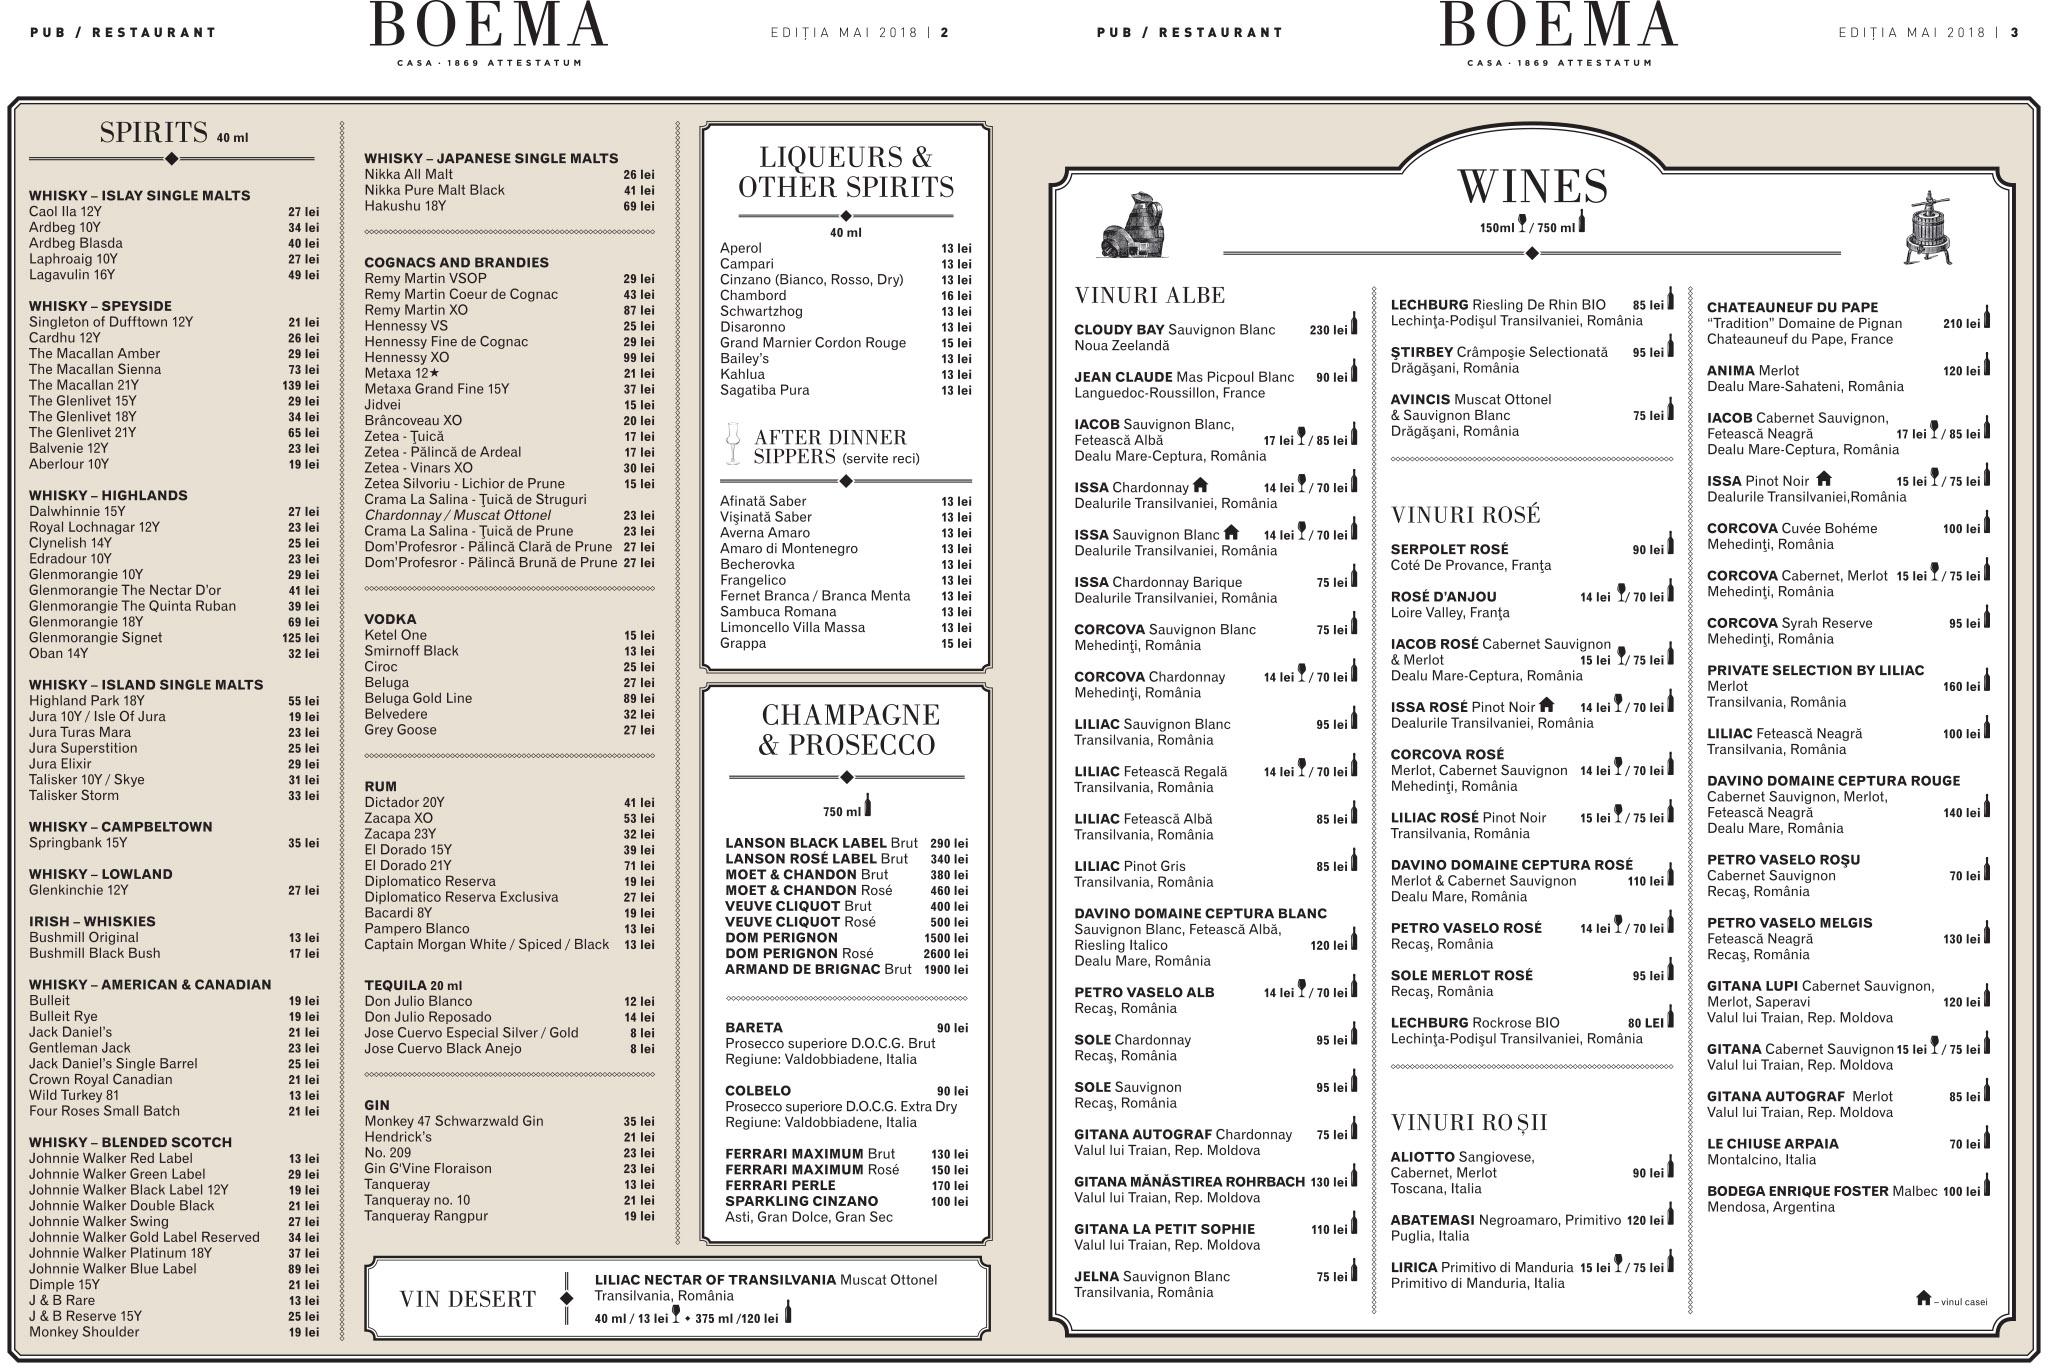 meniu-bar-casa-boema-2